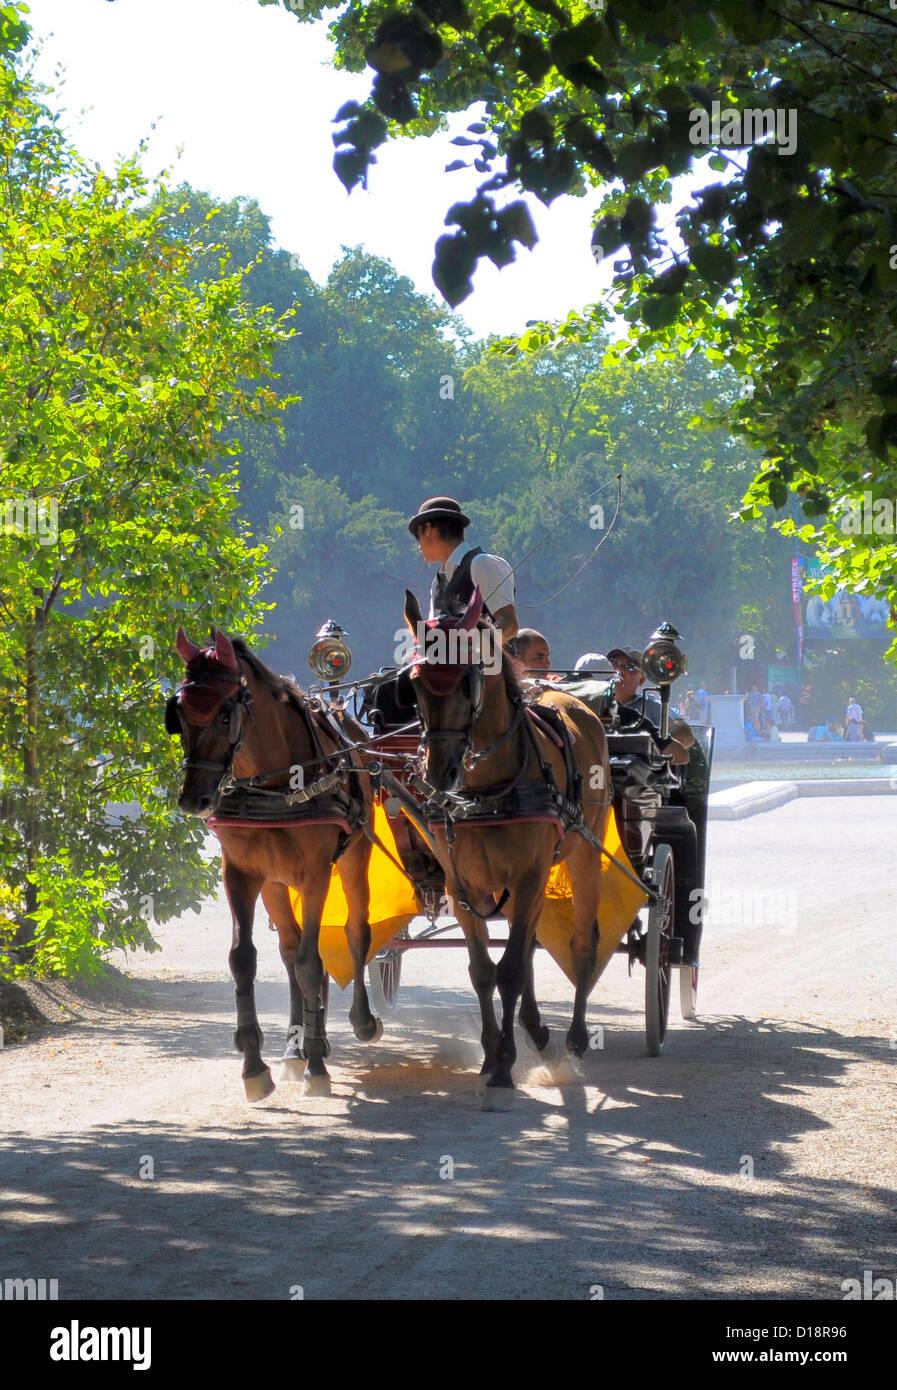 Österreich, Wien, Schloss Schönbrunn, Brunnen, im Schlosspark, Fiaker, Pferdekutsche, - Stock Image